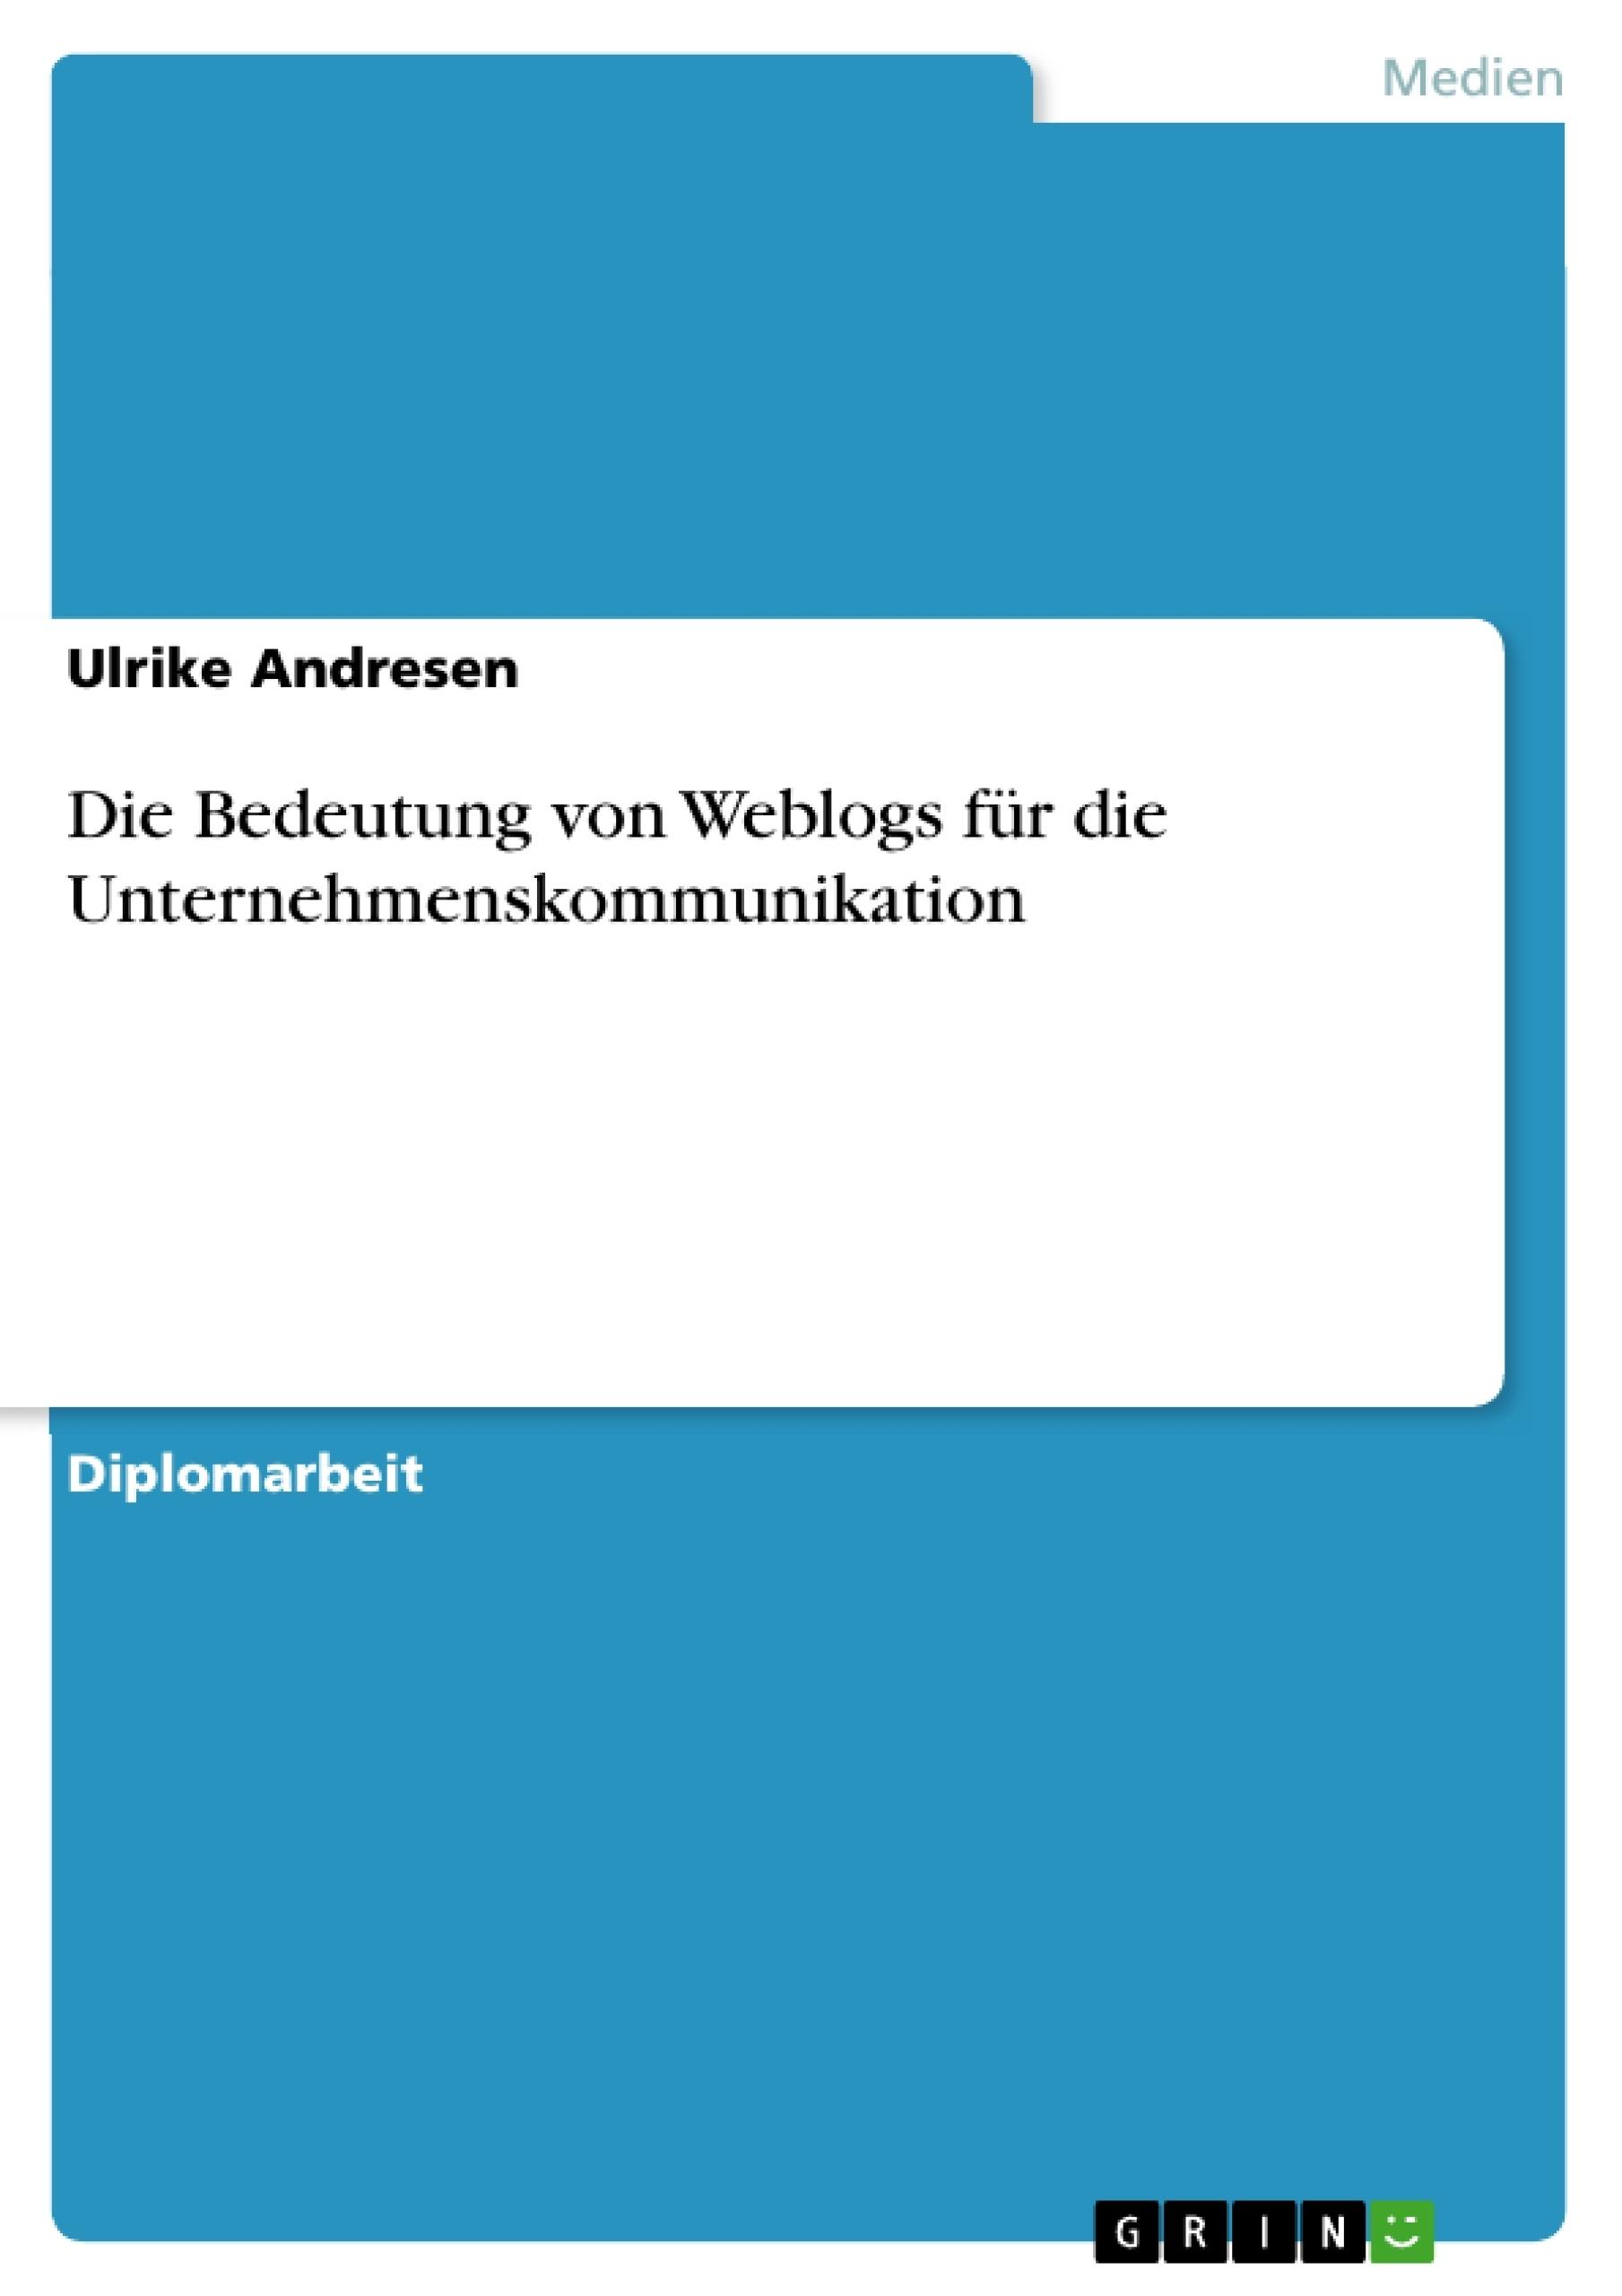 Titel: Die Bedeutung von Weblogs für die Unternehmenskommunikation